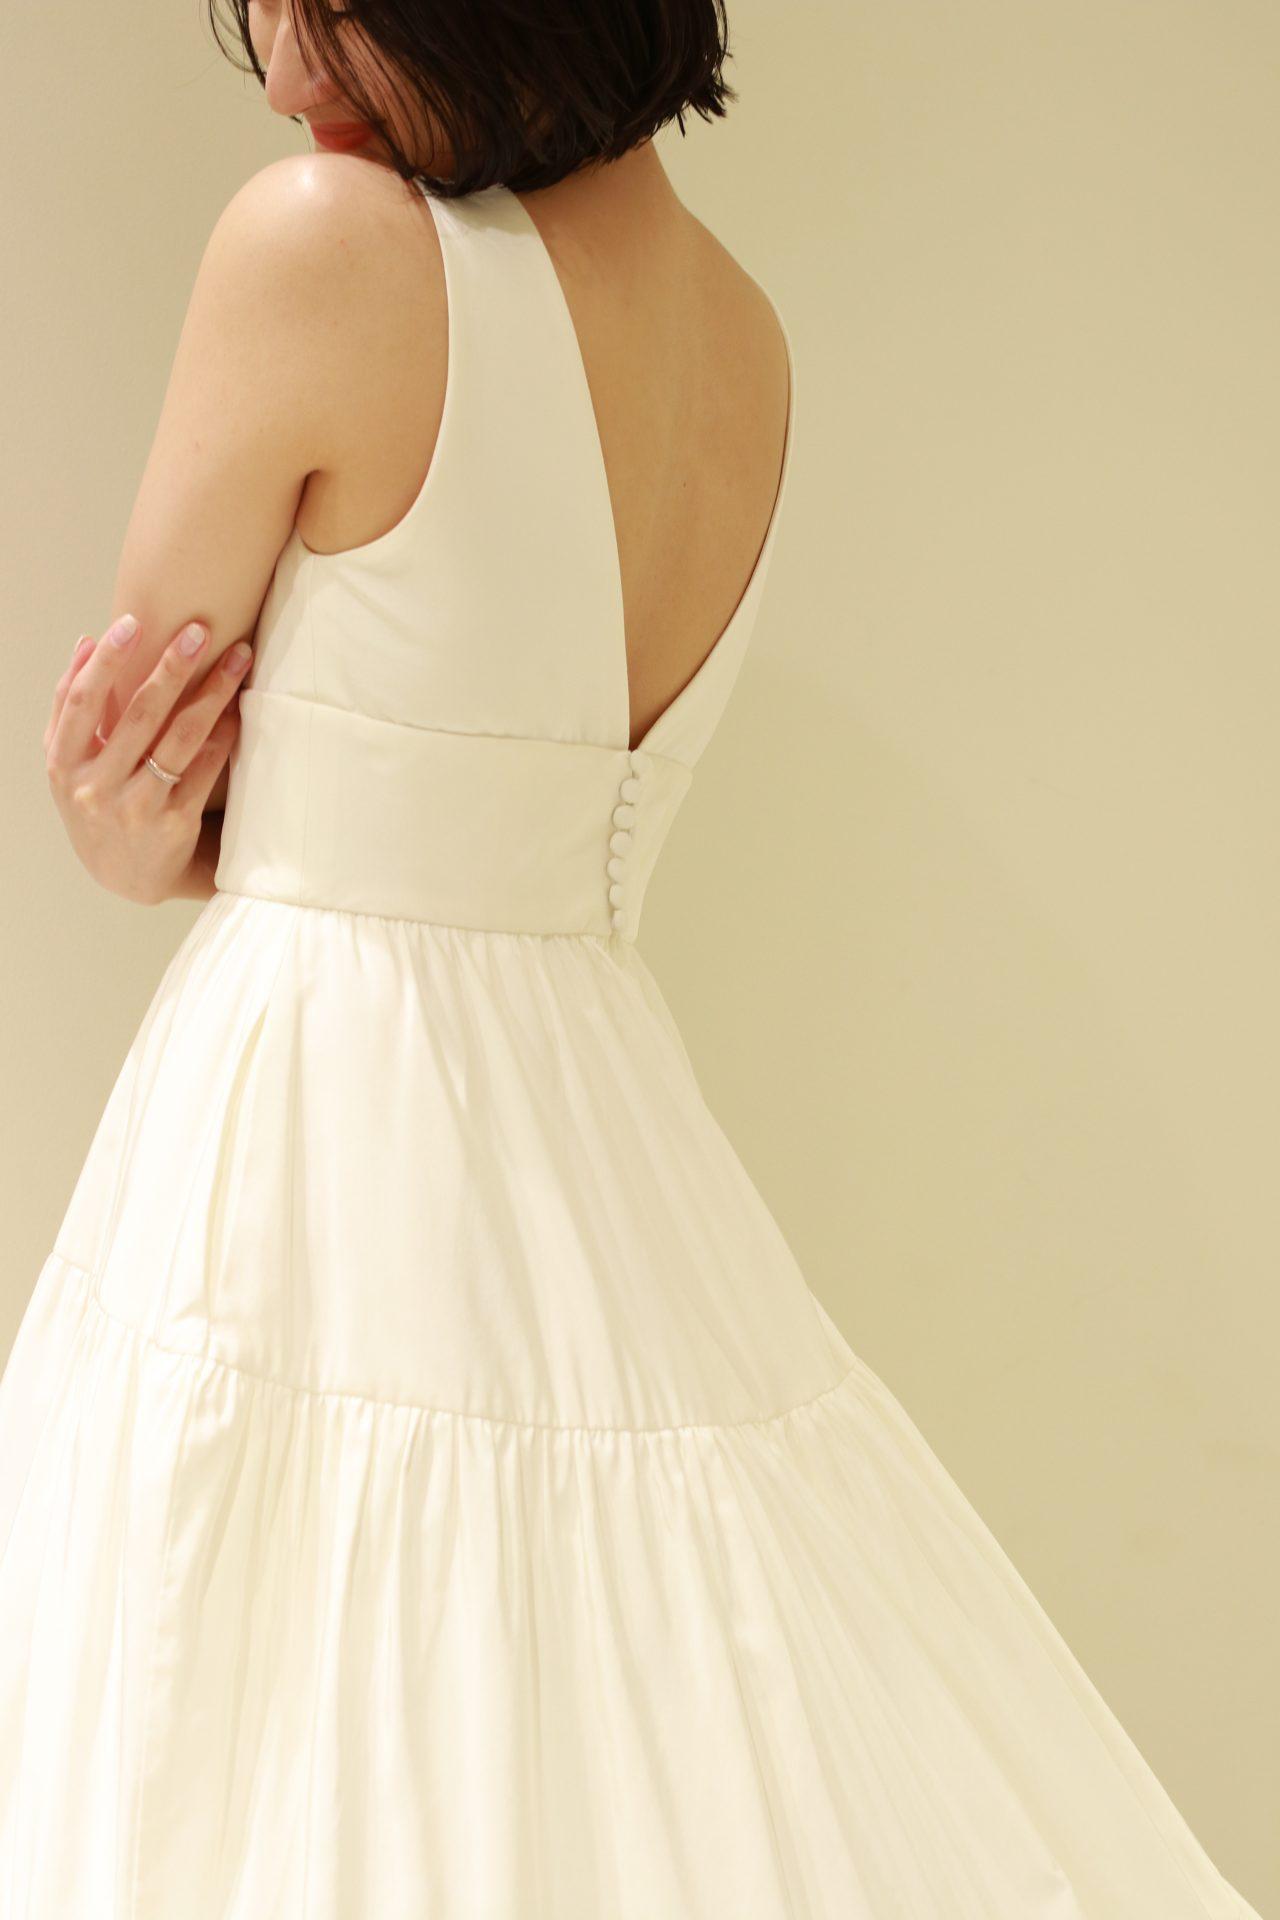 アメリカ発祥のドレスブランド、アムサーラの新作ドレスは、愛らしいくるみボタンがバックコンシャスな一着で、赤坂プリンスクラシックハウスのアットホームなお式におすすめです